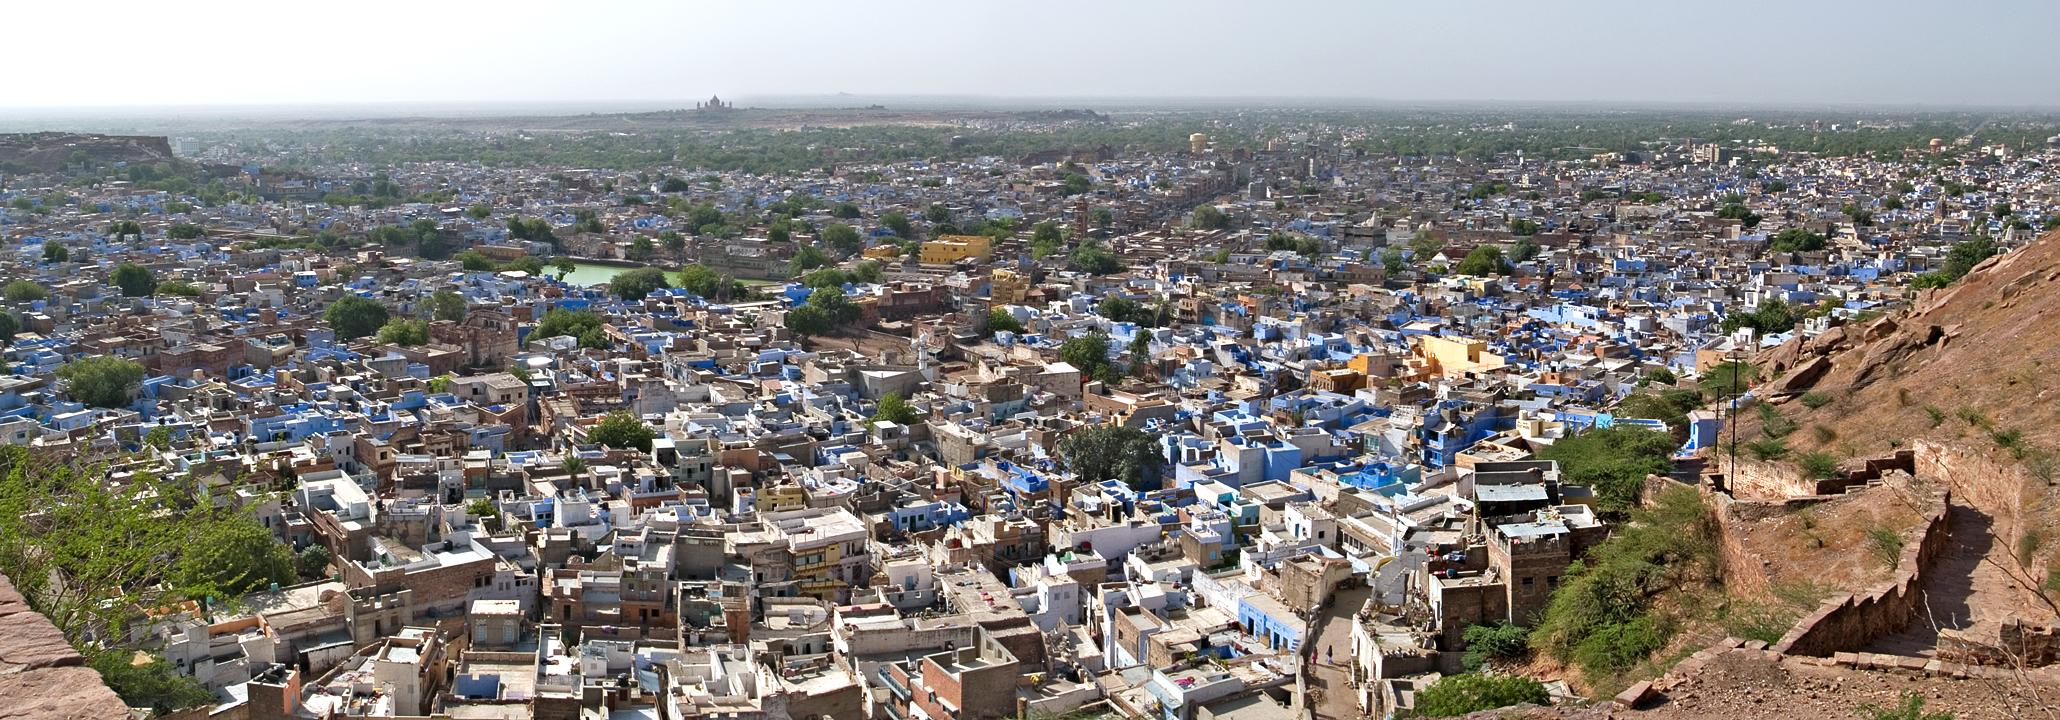 Jodhpur Panorama, seen from the Mehrangarh Fort.